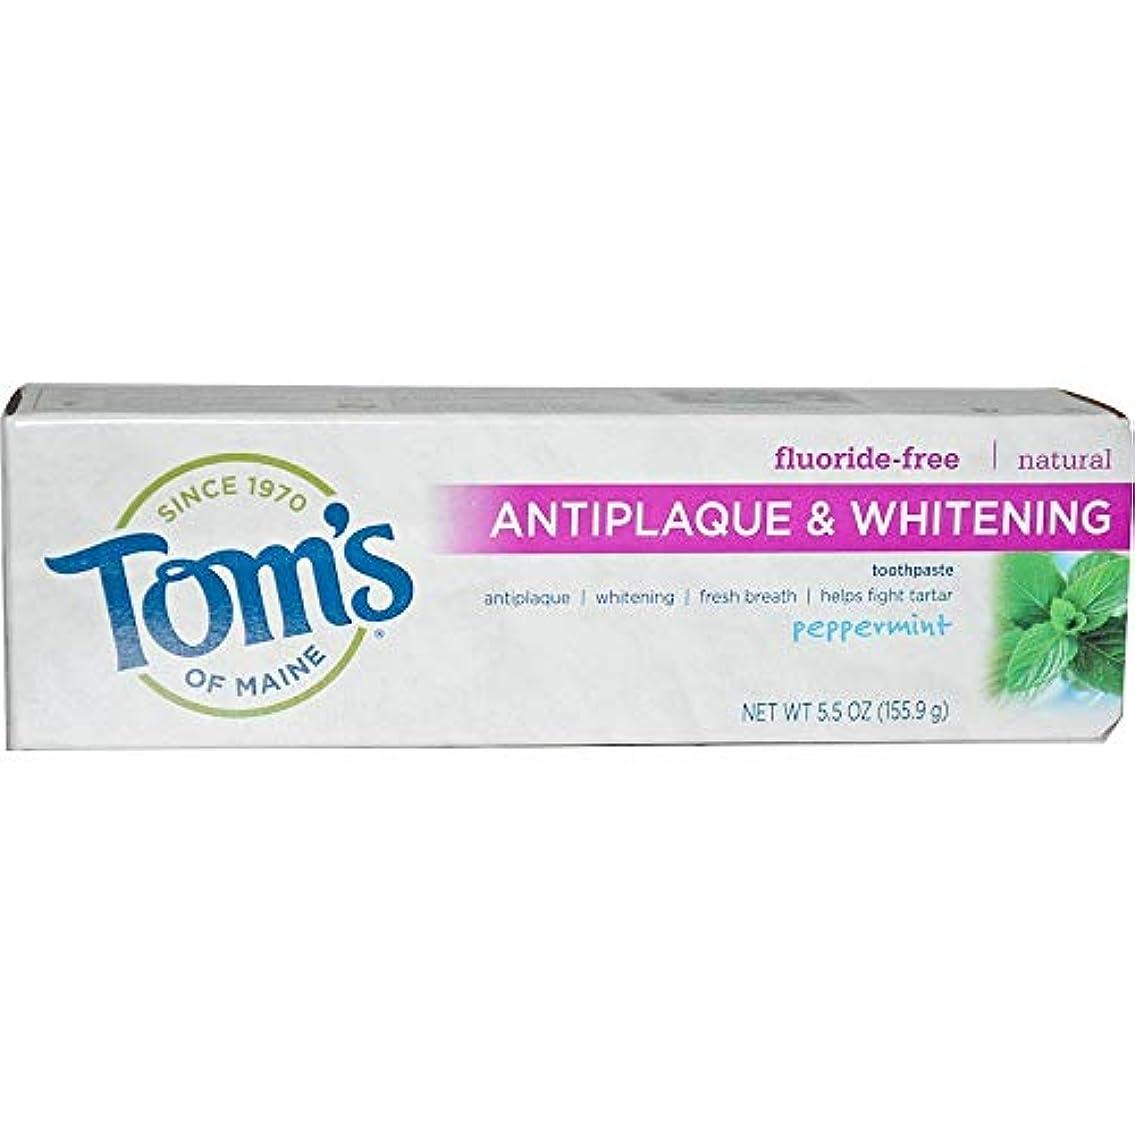 ミトン平行慢性的<ペパーミント>アンチプラーク&ホワイトニング ハミガキ粉(フッ素フリー)155.9g入りX 5 Pack [並行輸入品]